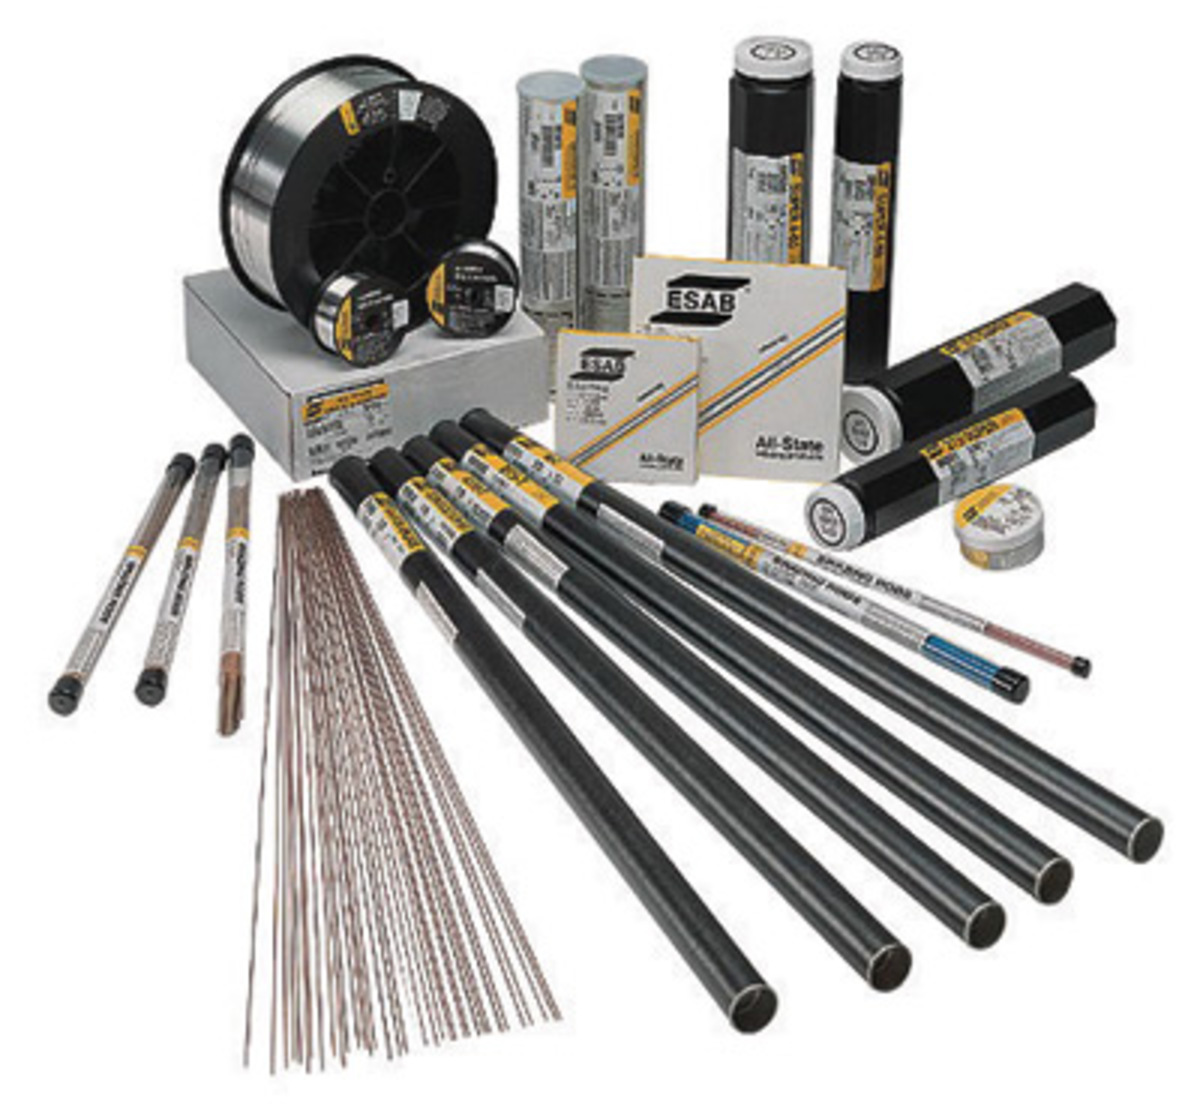 Tig welding 4130 steel - 1 16 X 36